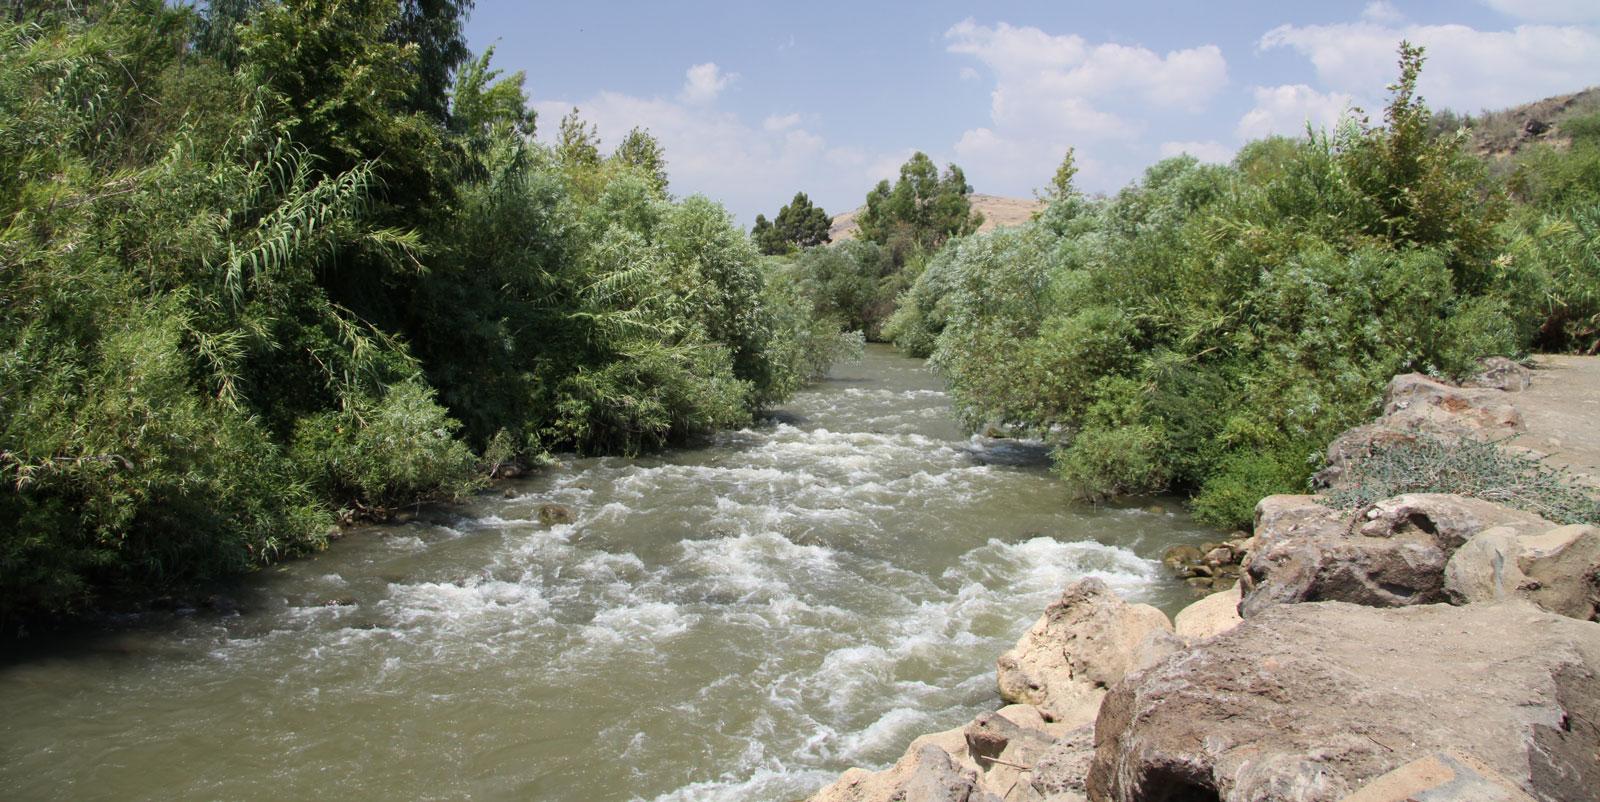 Jordan_River_1600wide